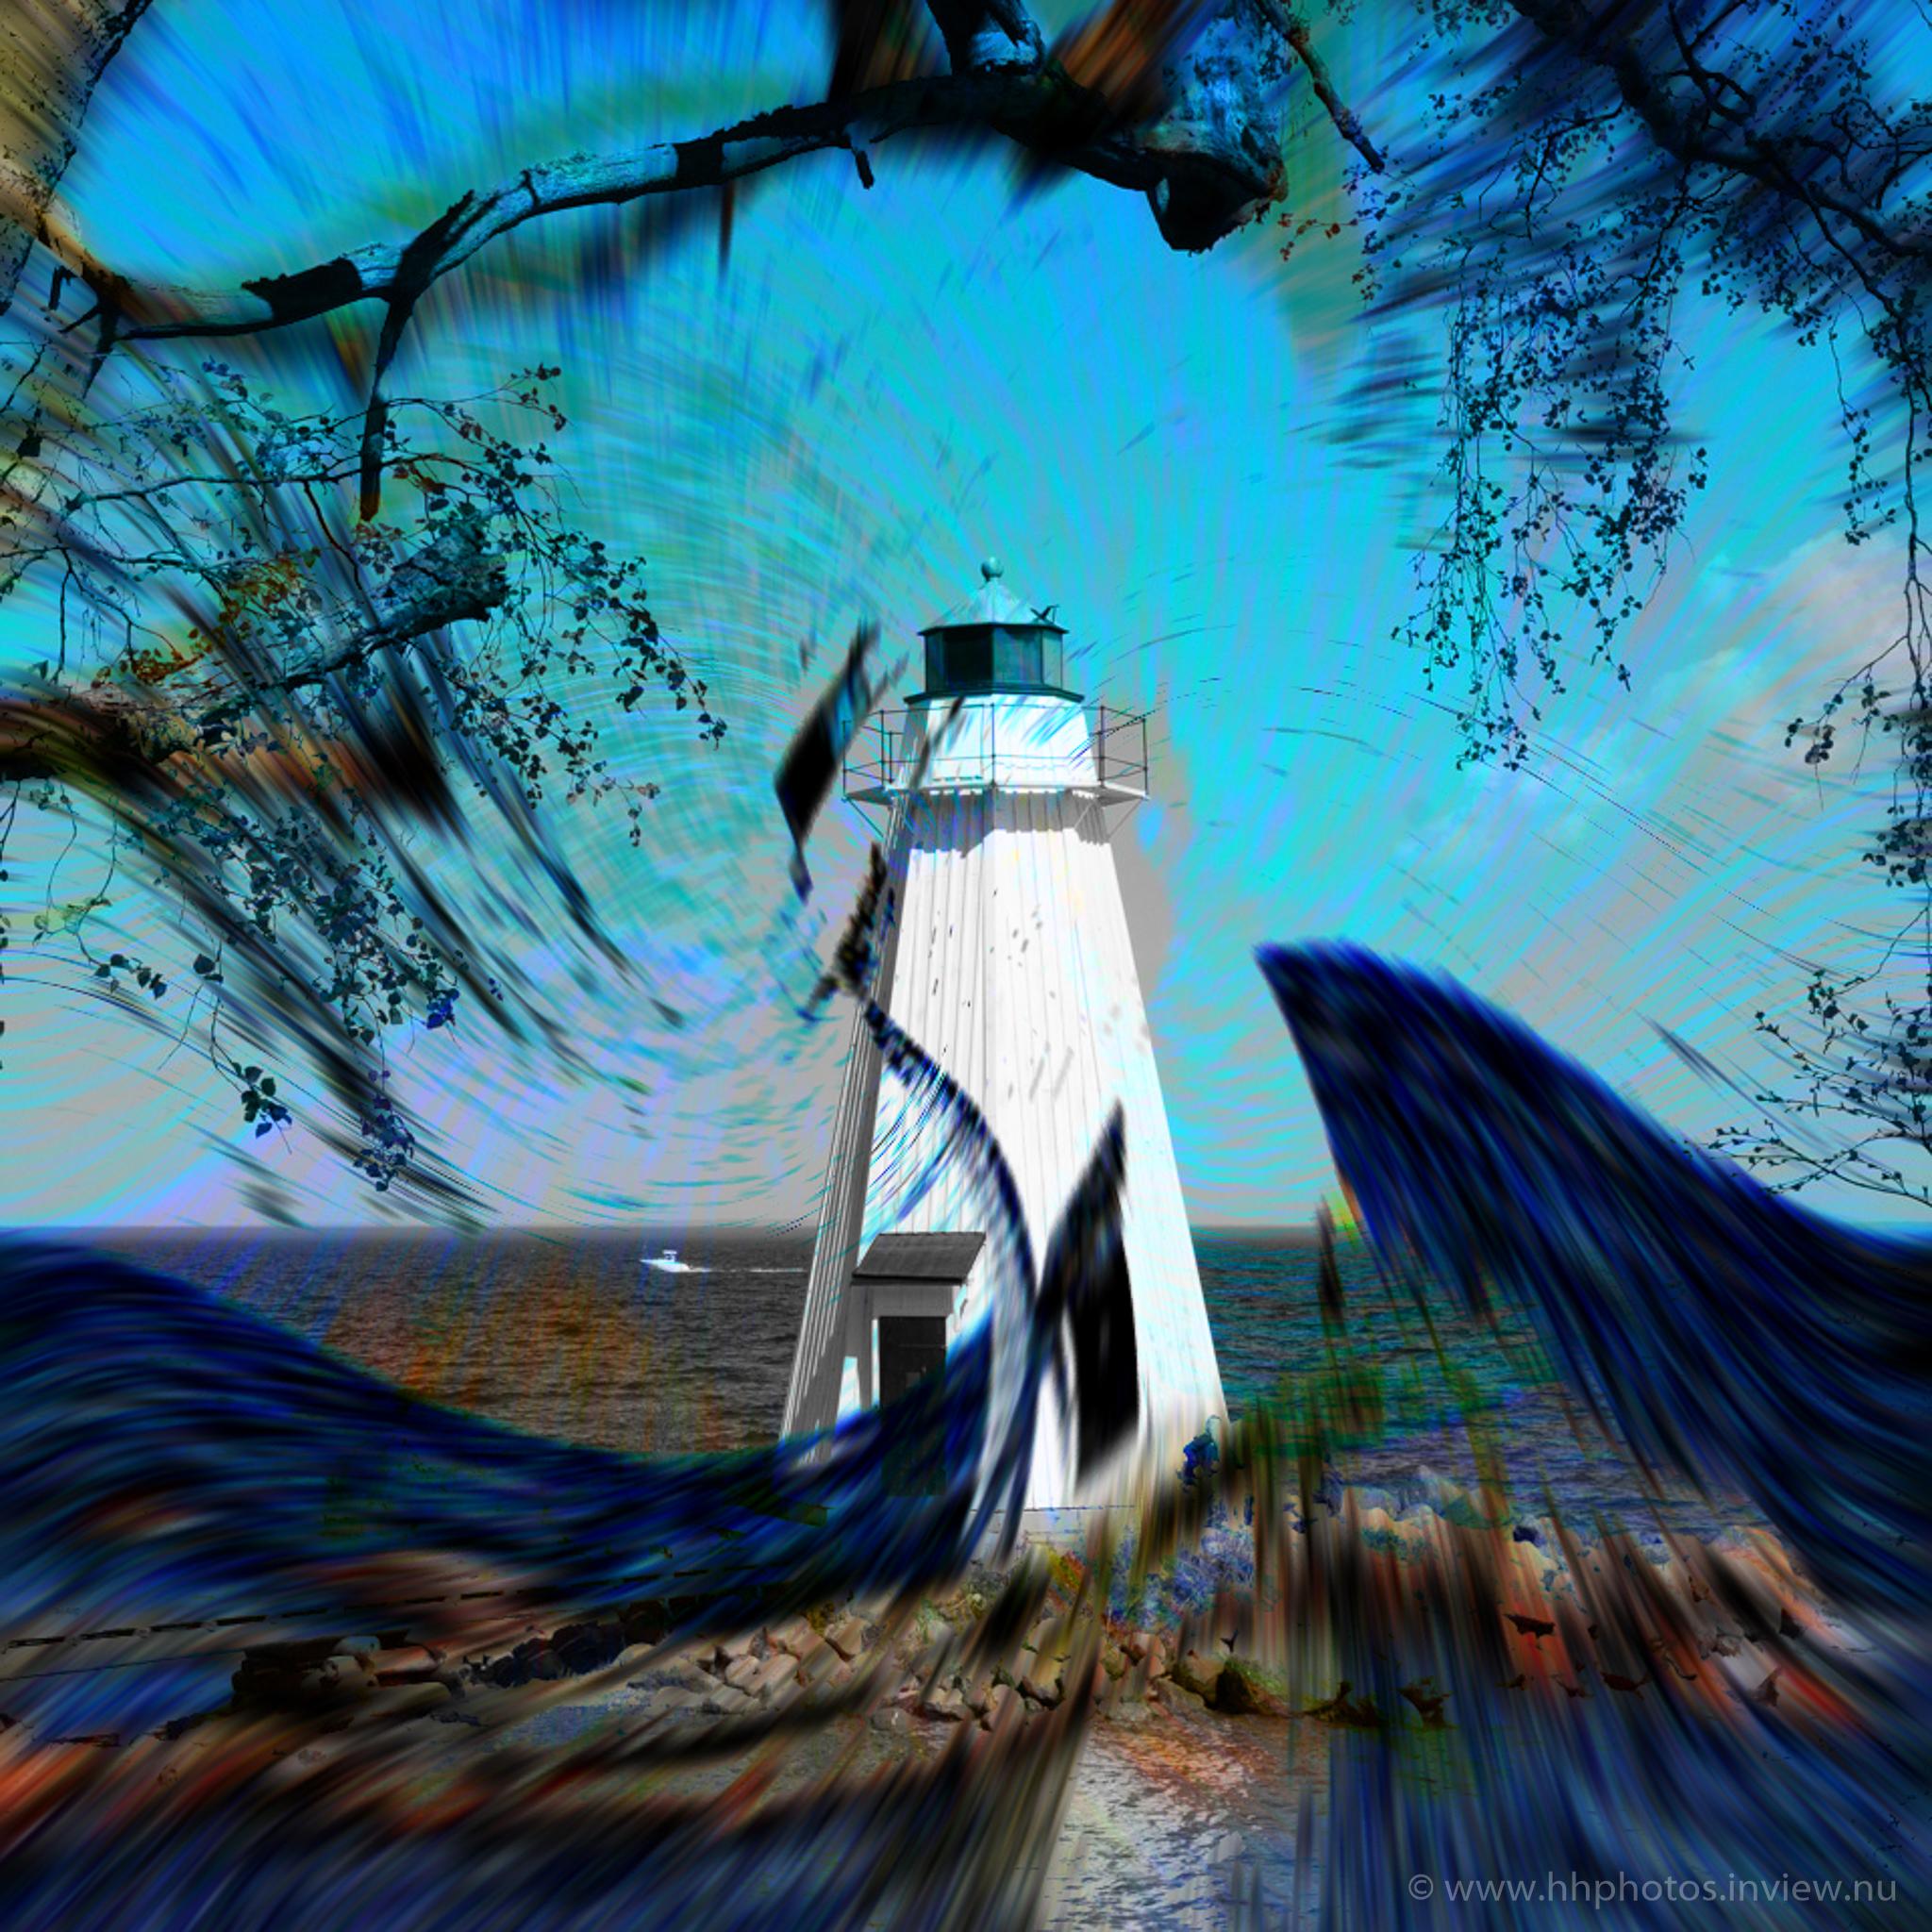 Hrm..Digital artwork online